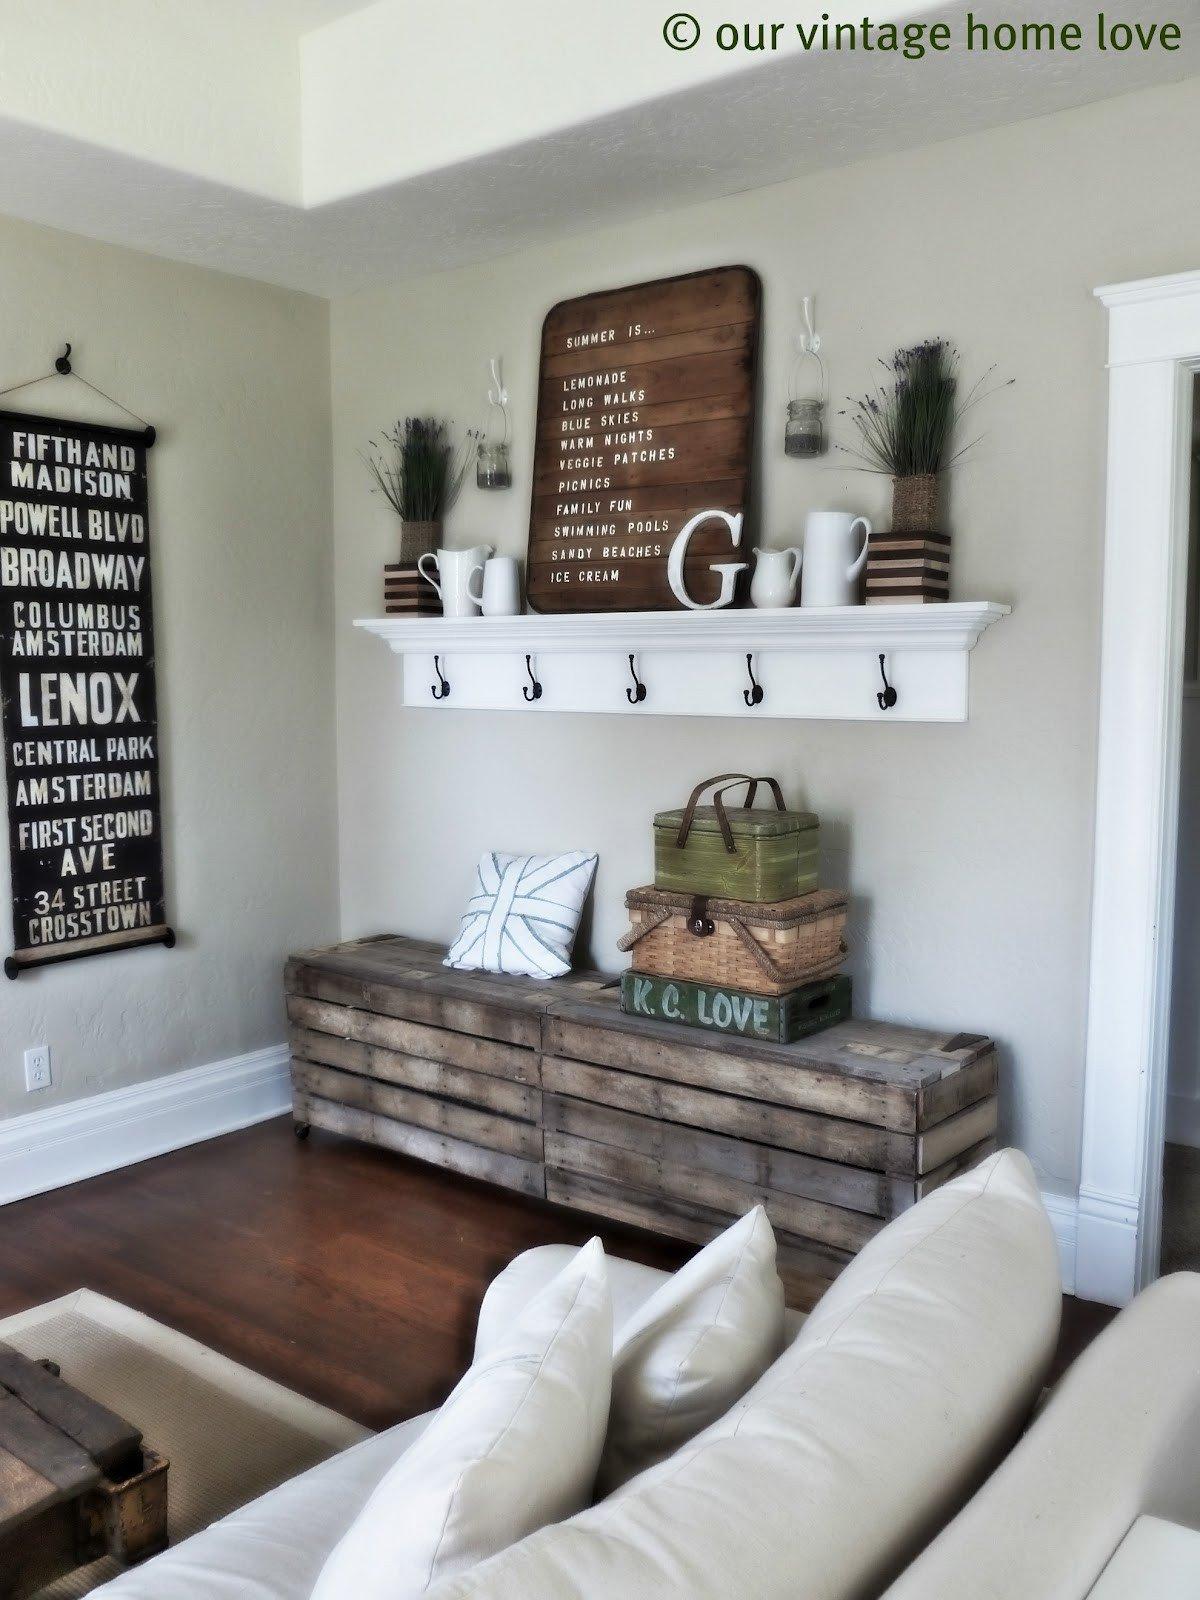 Diy Rustic Living Room Decor Vintage Home Love Spring Summer Mantel Ledge